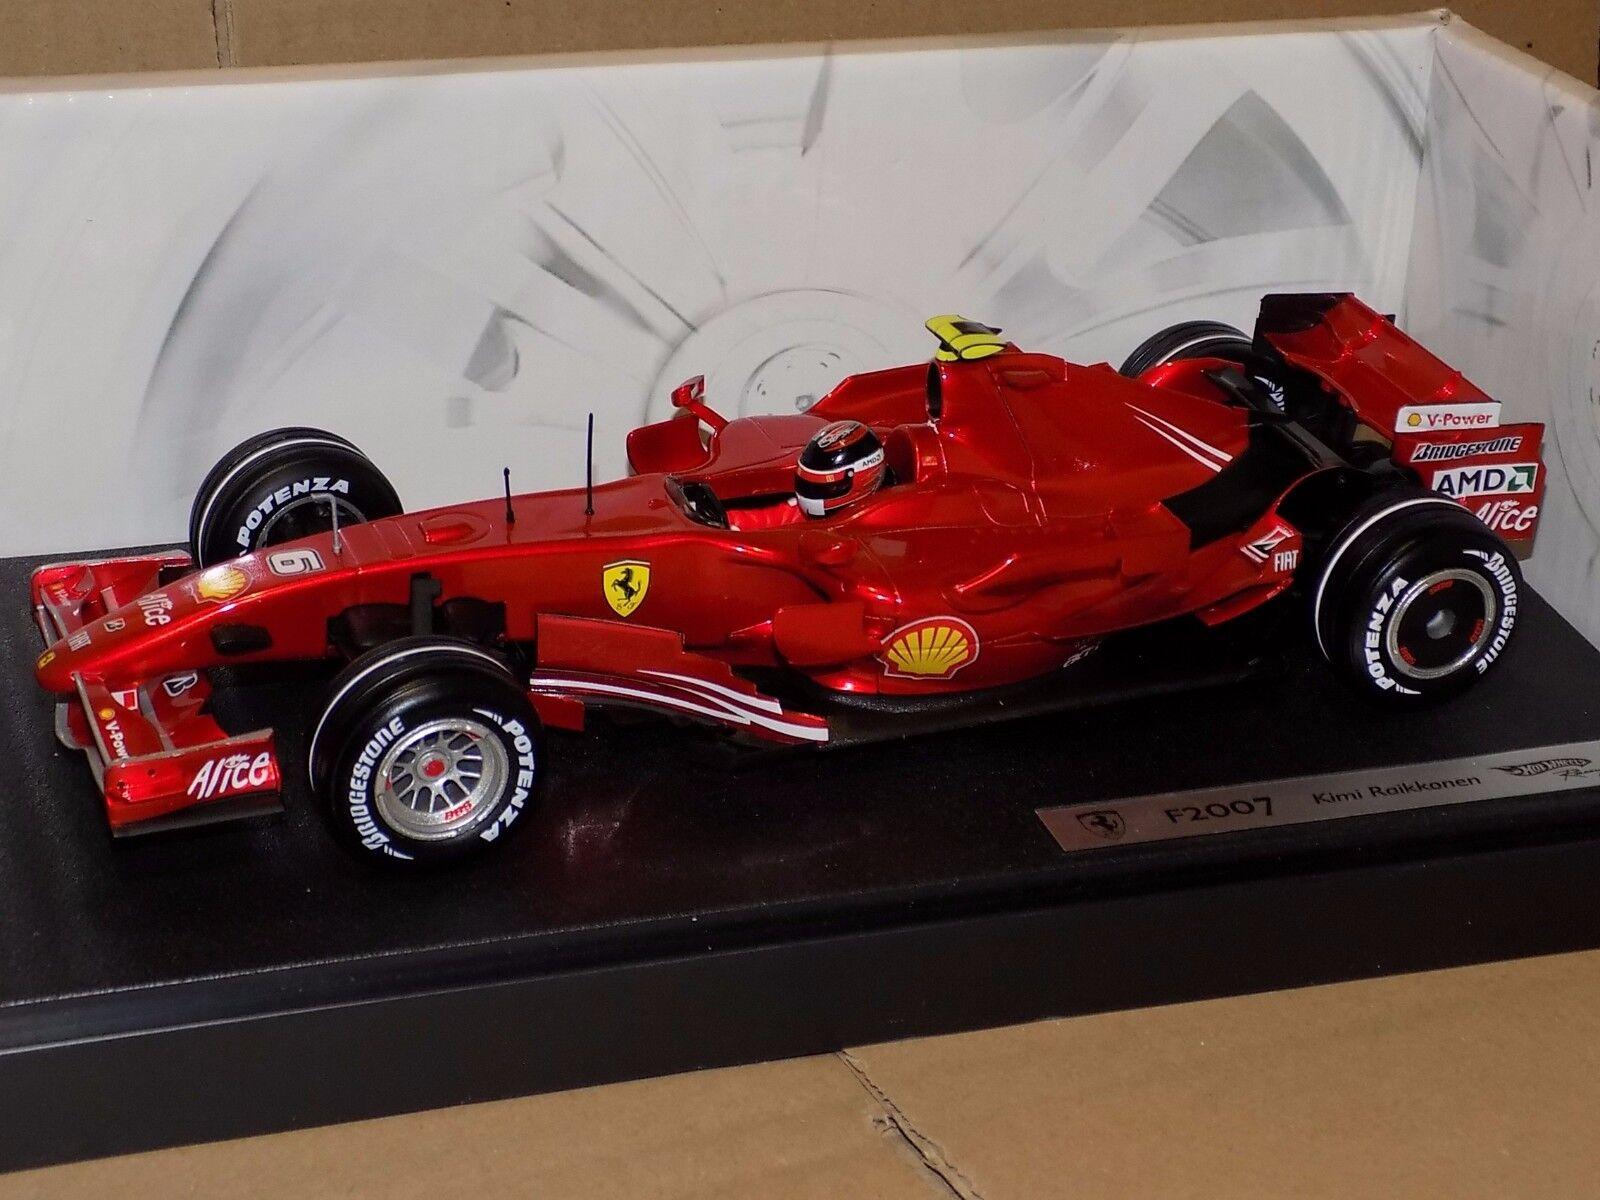 Ferrari F2007 Kimi Raikkonen 2007  6 HOTWHEELS N4658 1 18